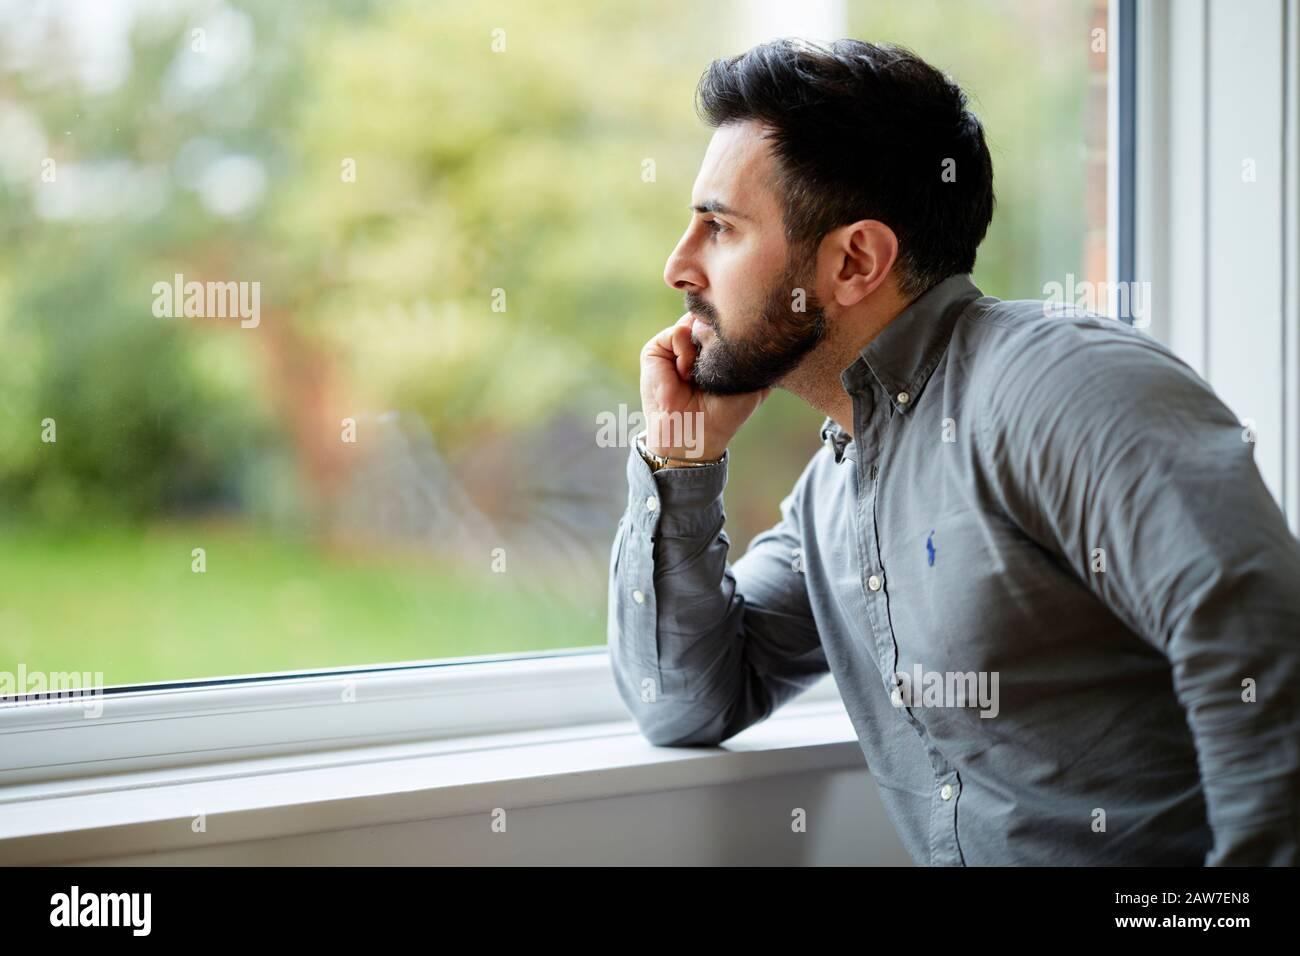 Hombre mirando hacia afuera de la ventana Foto de stock